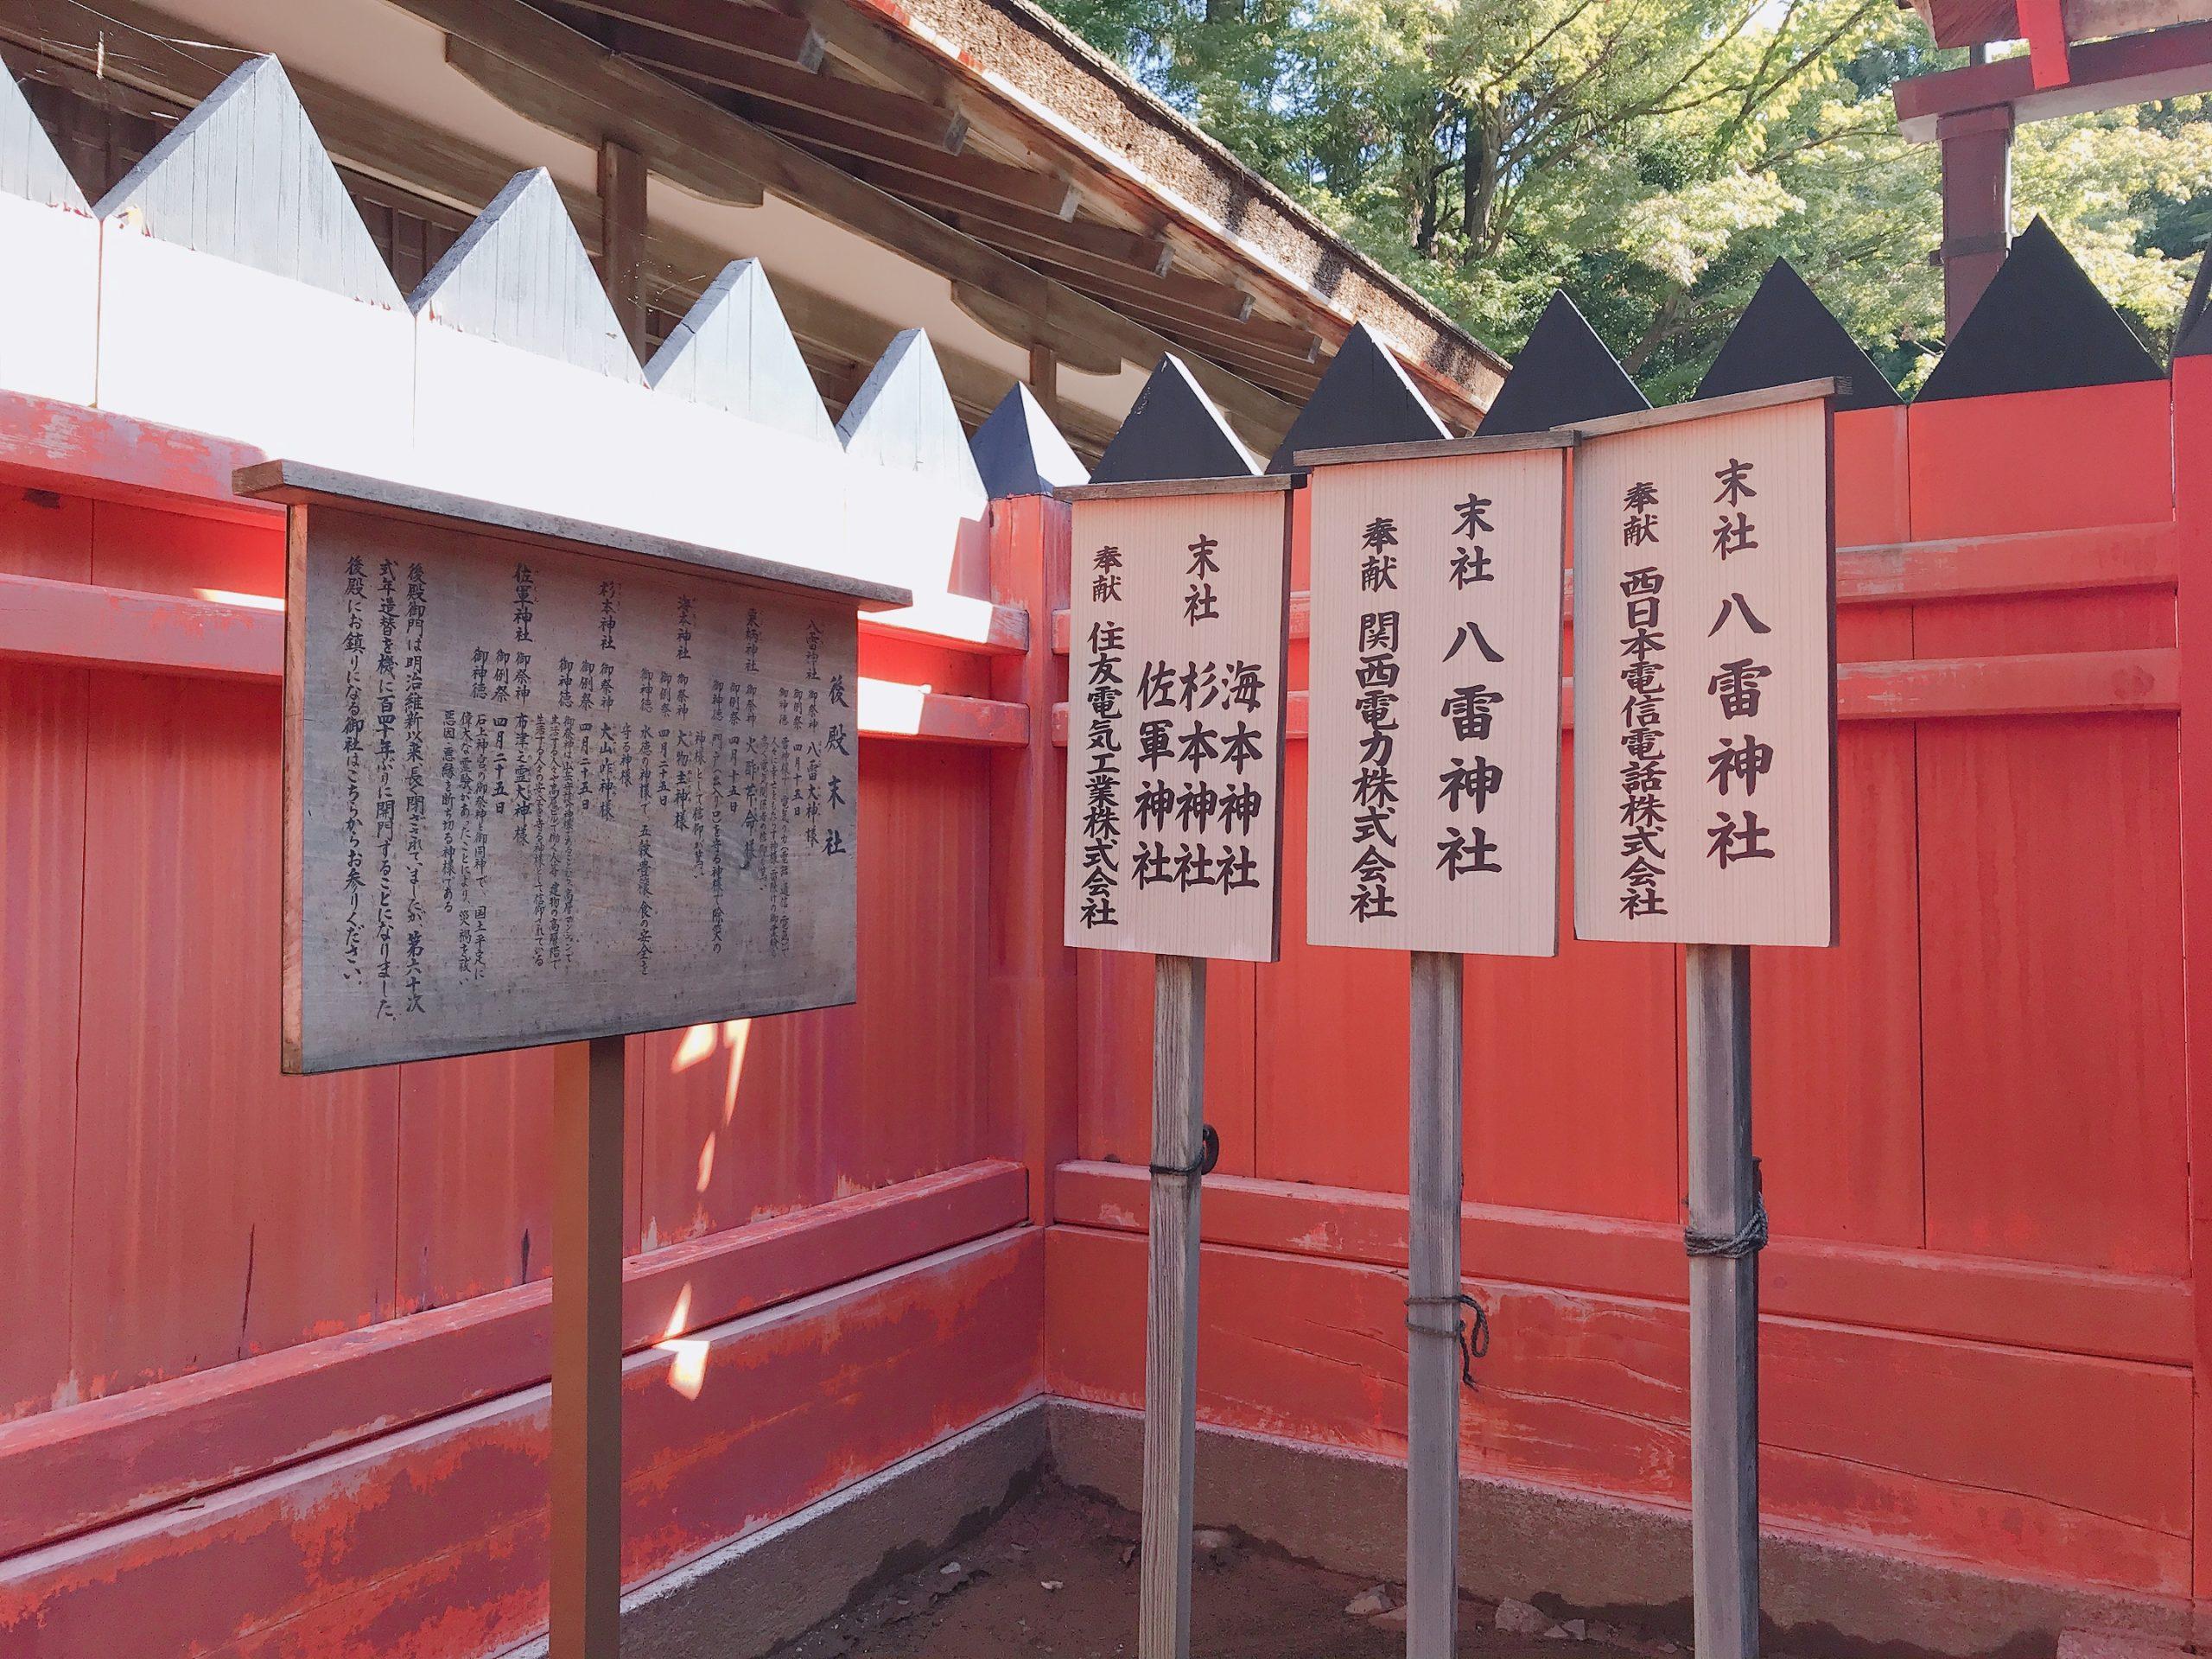 春日大社の末社八雷神社、海本神社、杉本神社、佐軍神社